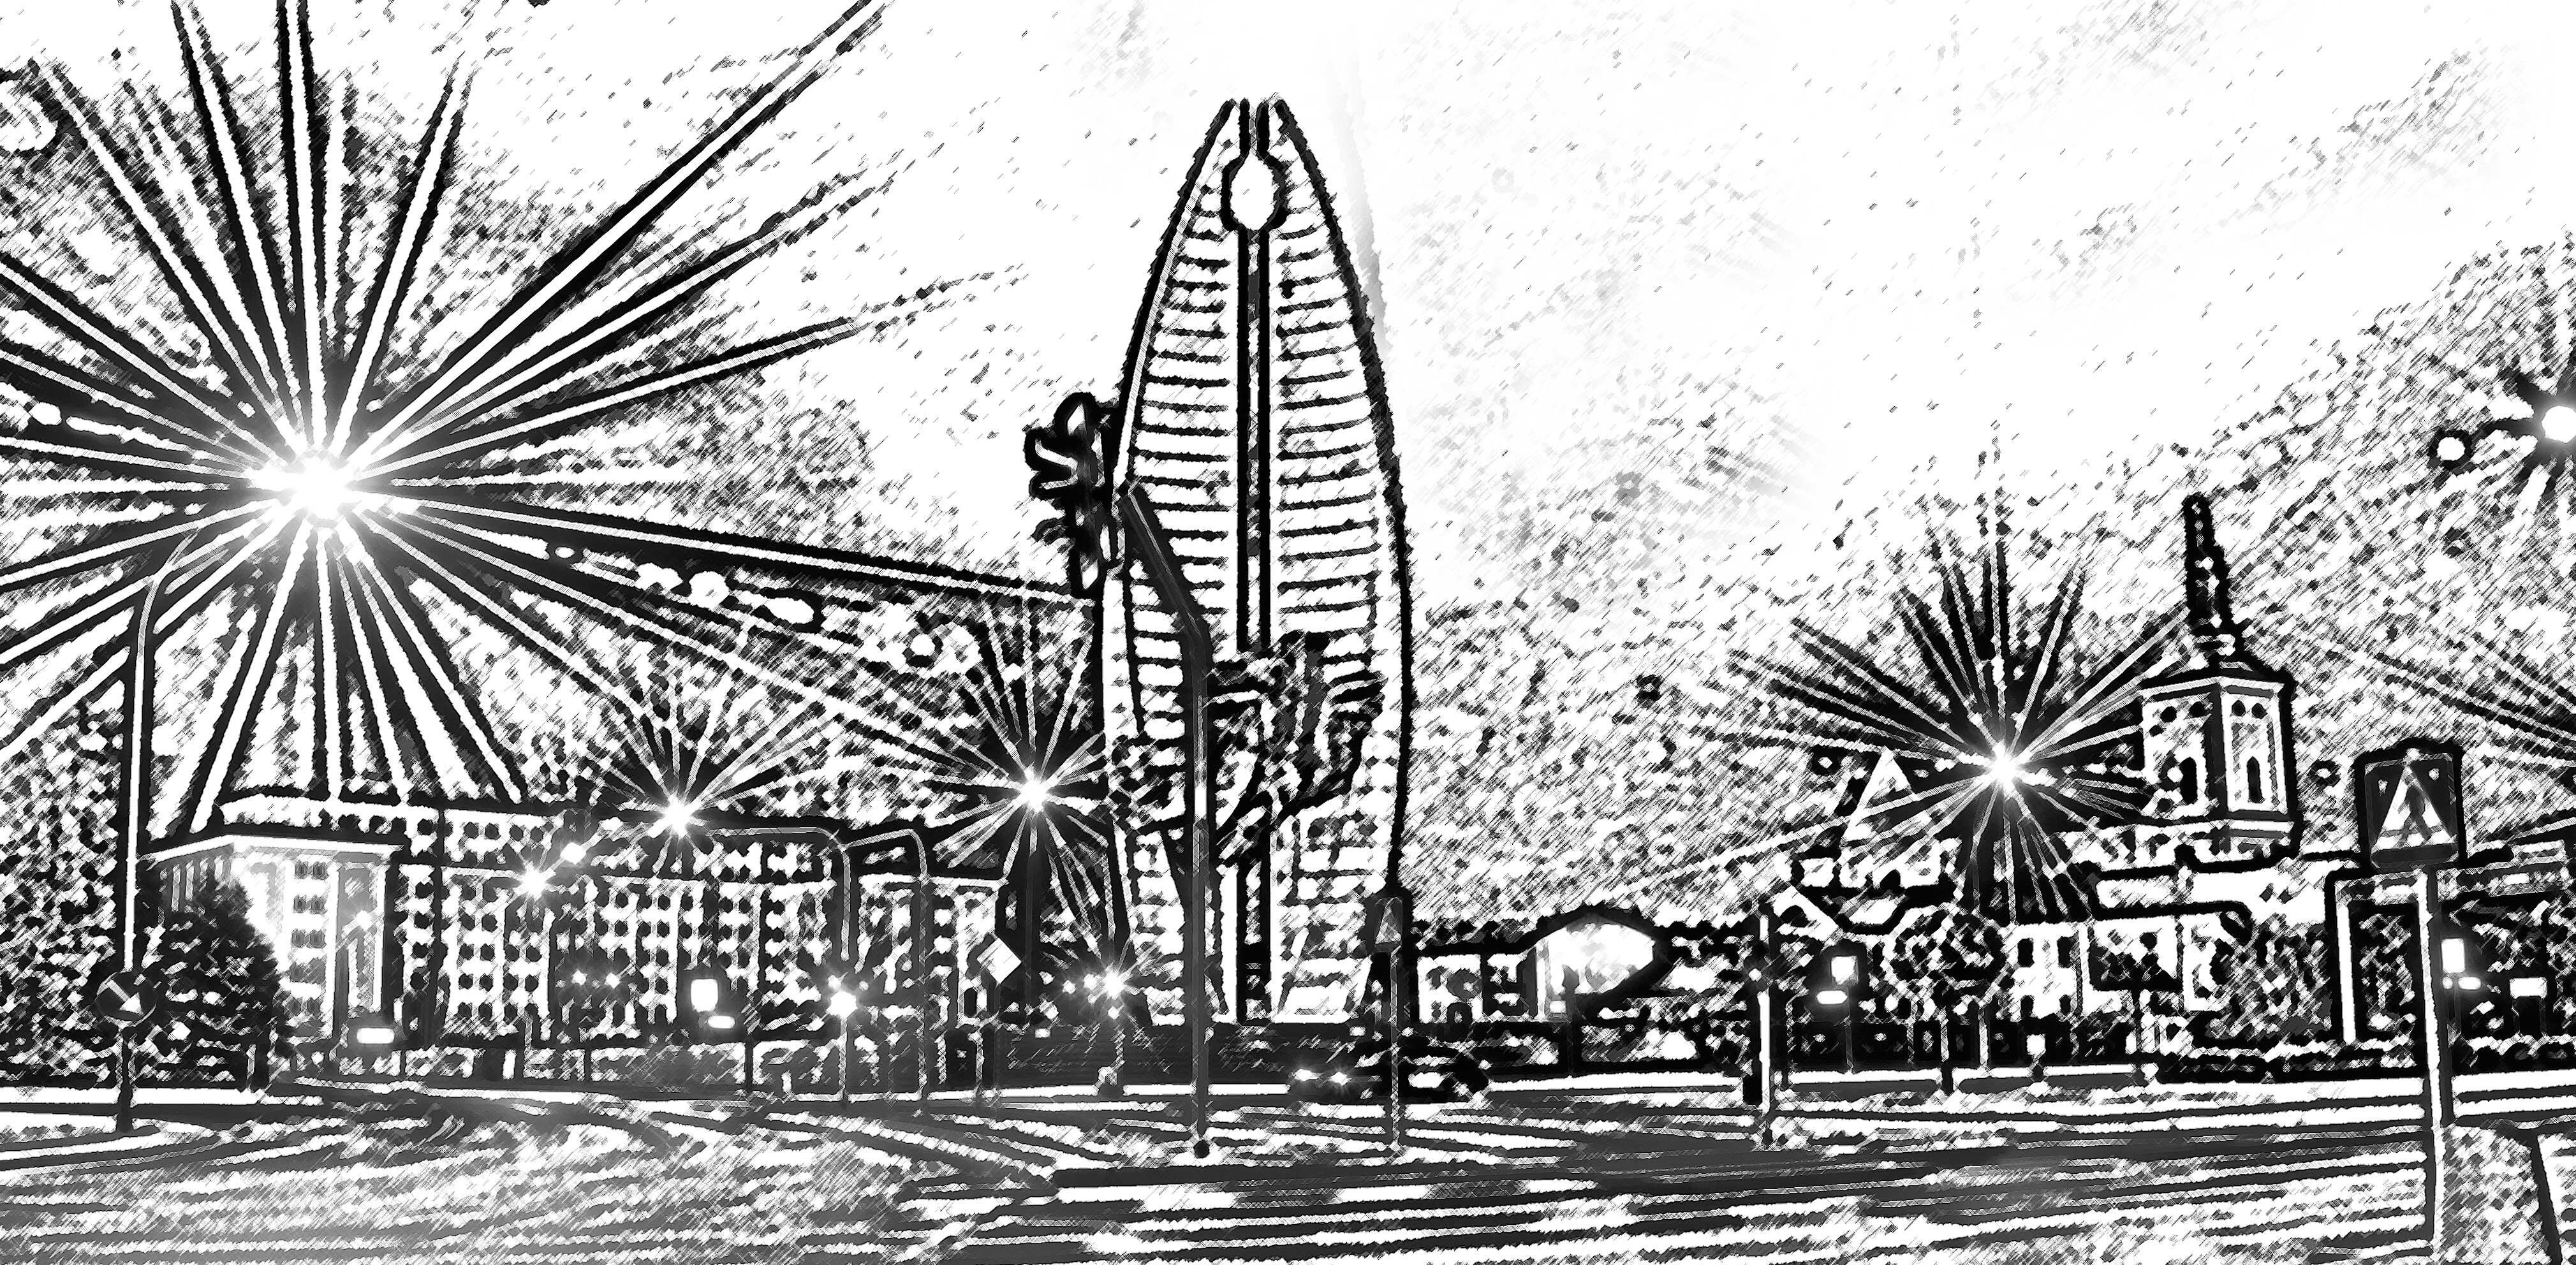 Czarno biała grafika przedstawiająca pomnik Czynu Rewolucyjnego w Rzeszowie.